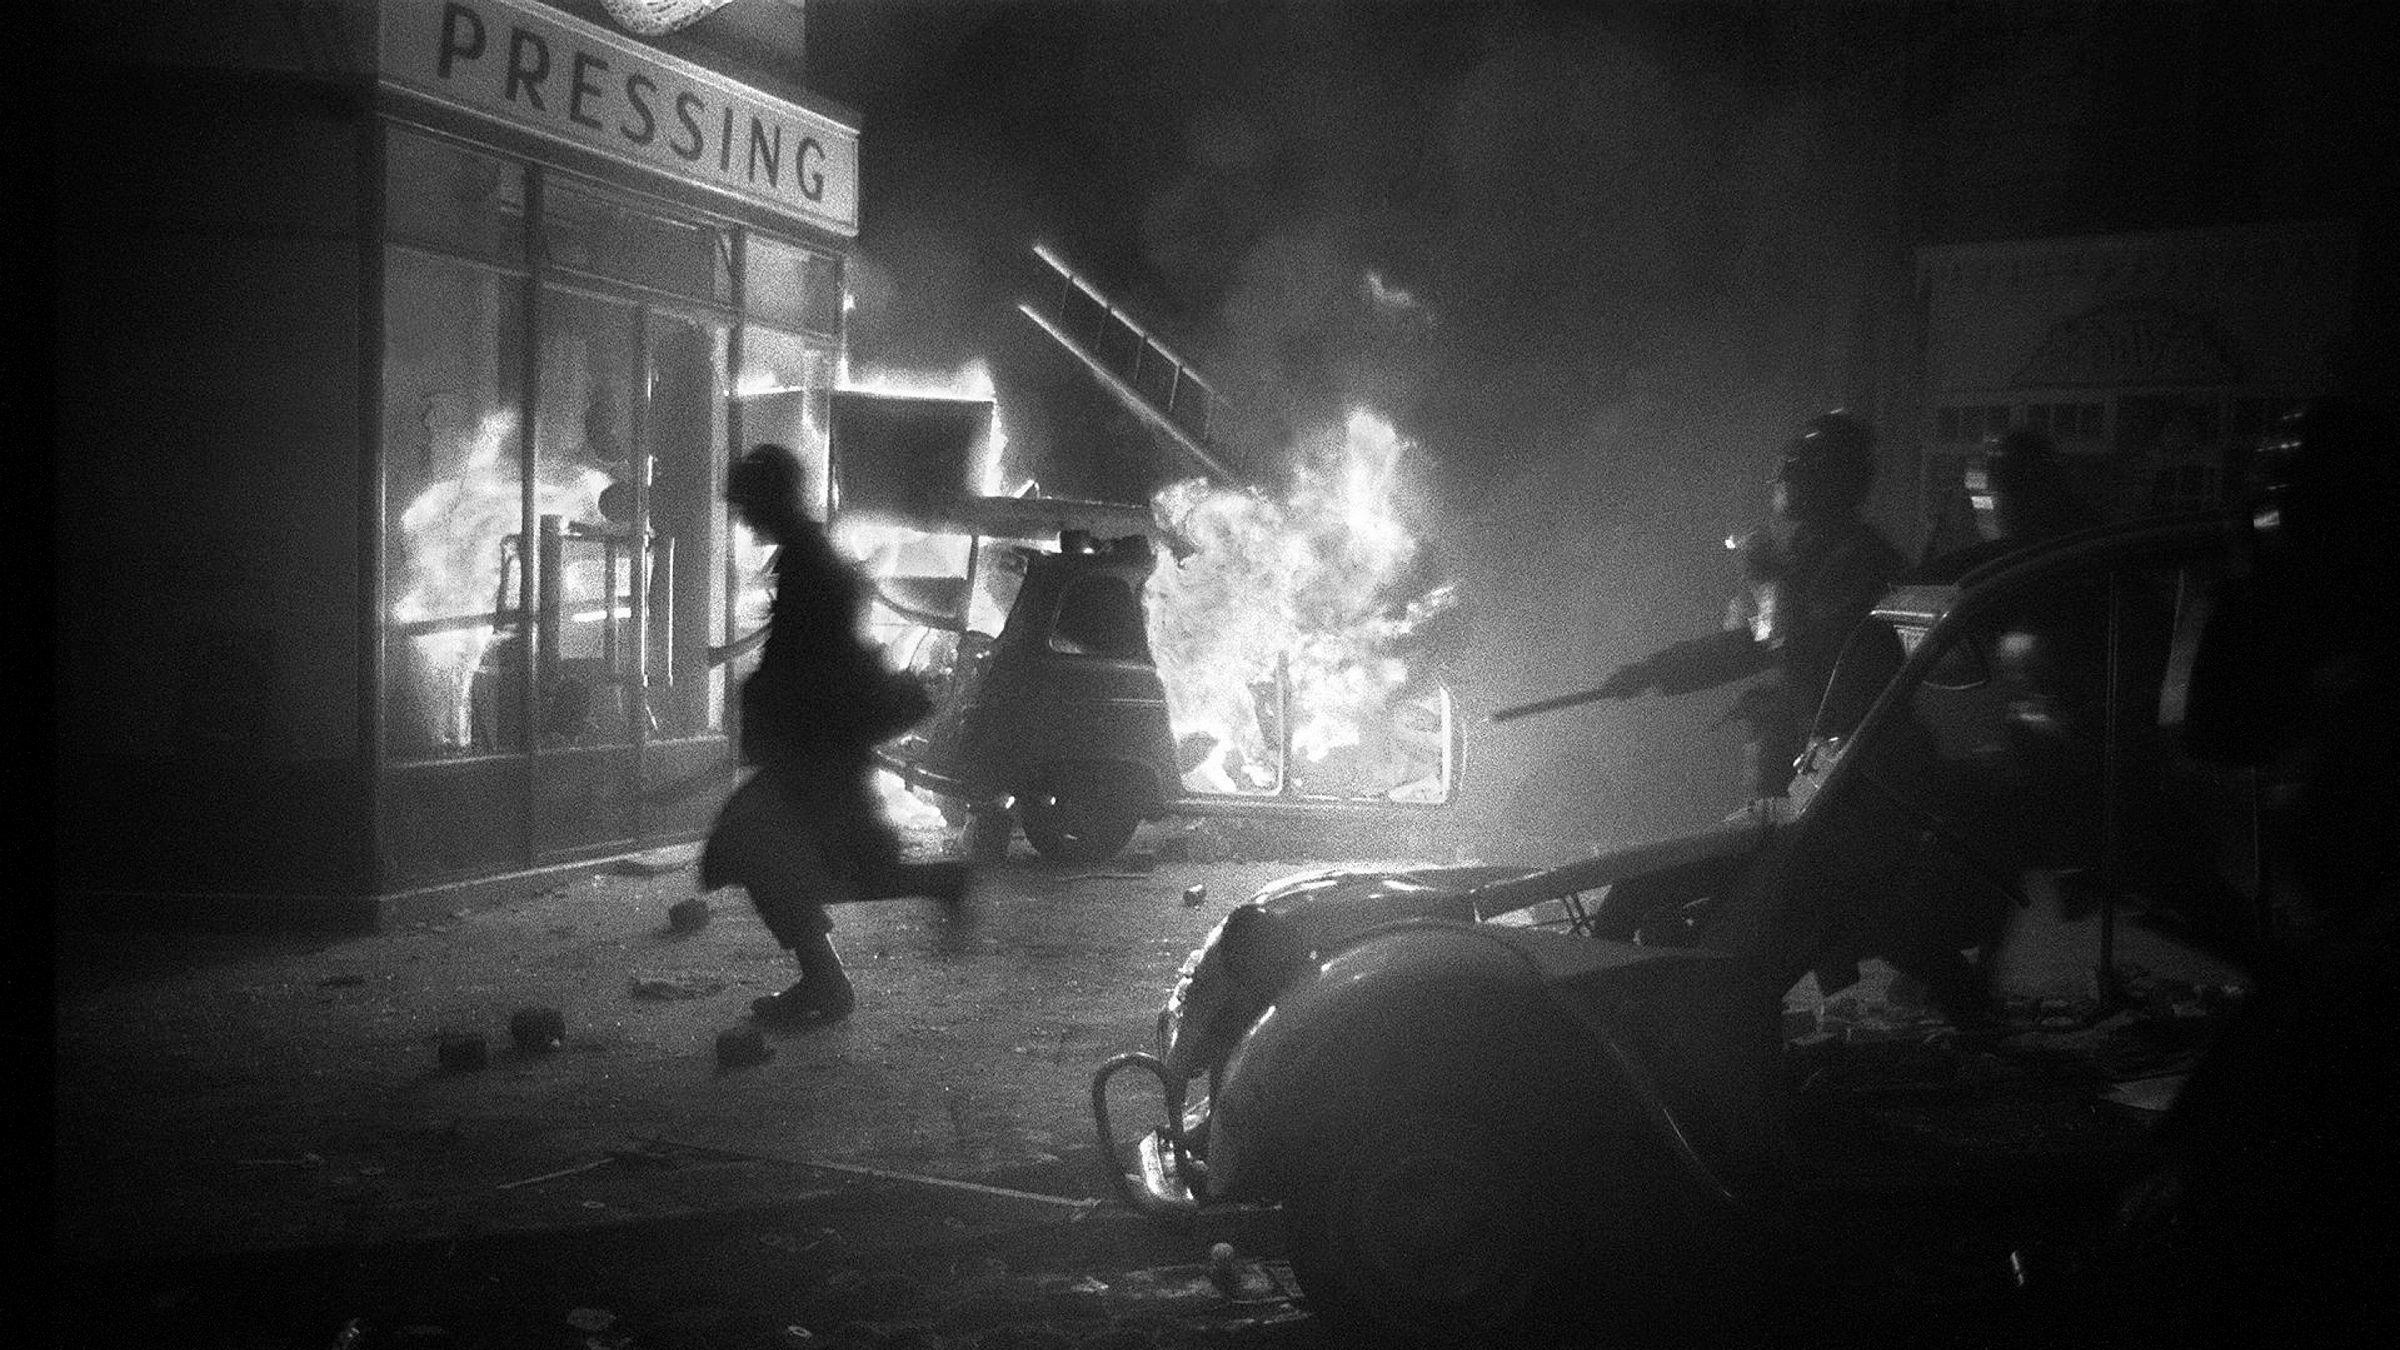 Opptøyer i Latinerkvarteret i Paris i mai 1968. I år er det 50 år siden franske studenter tok til gatene for å protestere mot forholdene ved lærerstedene i Frankrike. Studentene mente blant annet at universitetene var udemokratisk organisert.